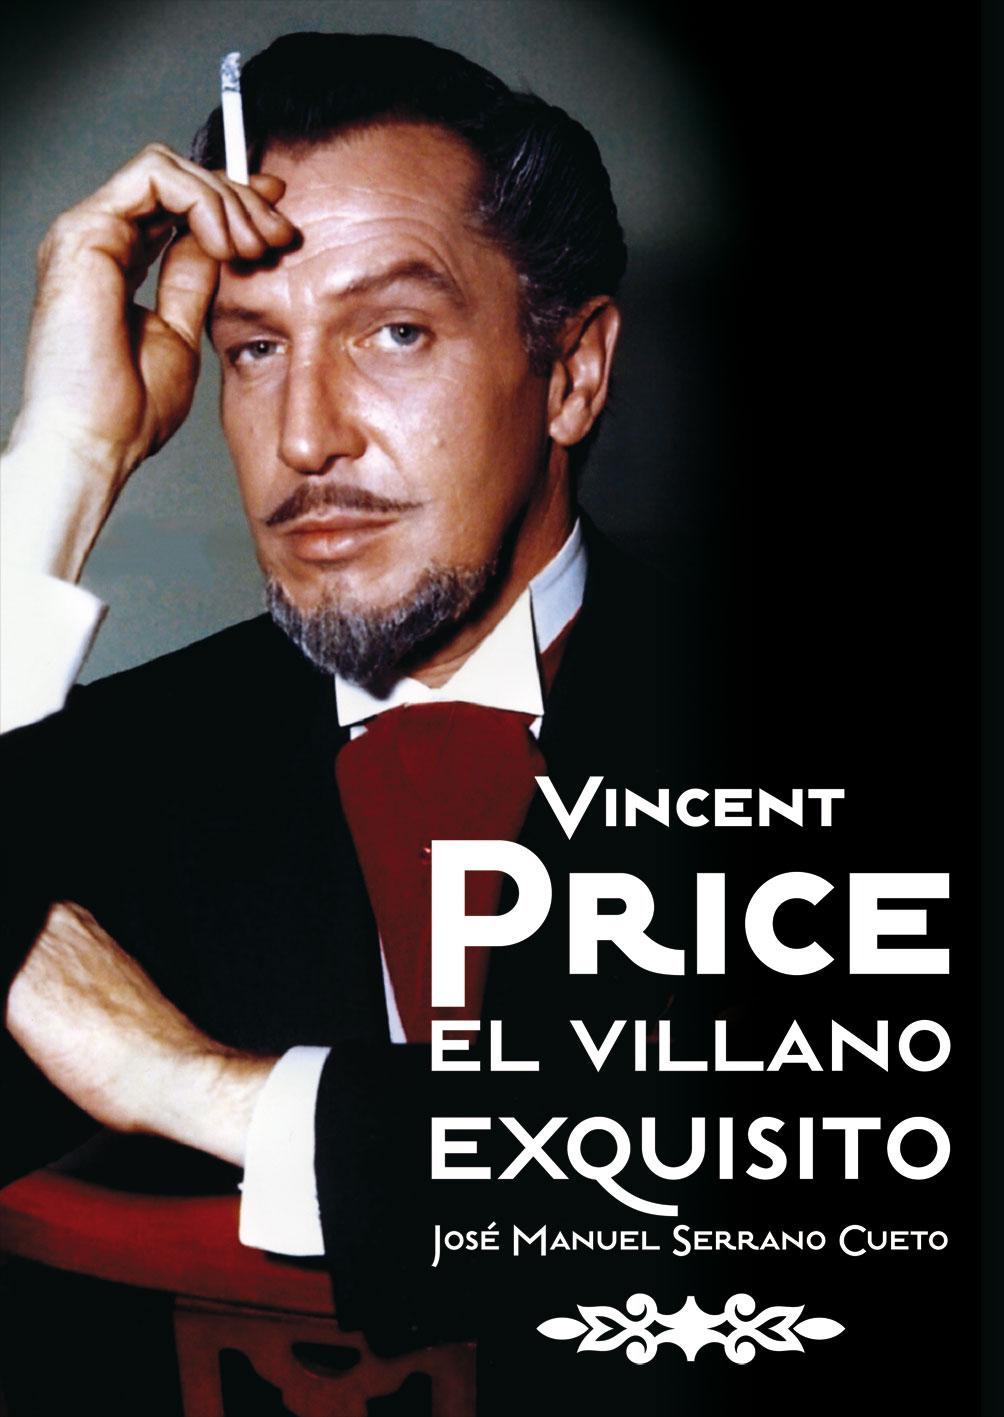 Compras cinéfilas - Página 3 Vincent-price-villano-exquisito